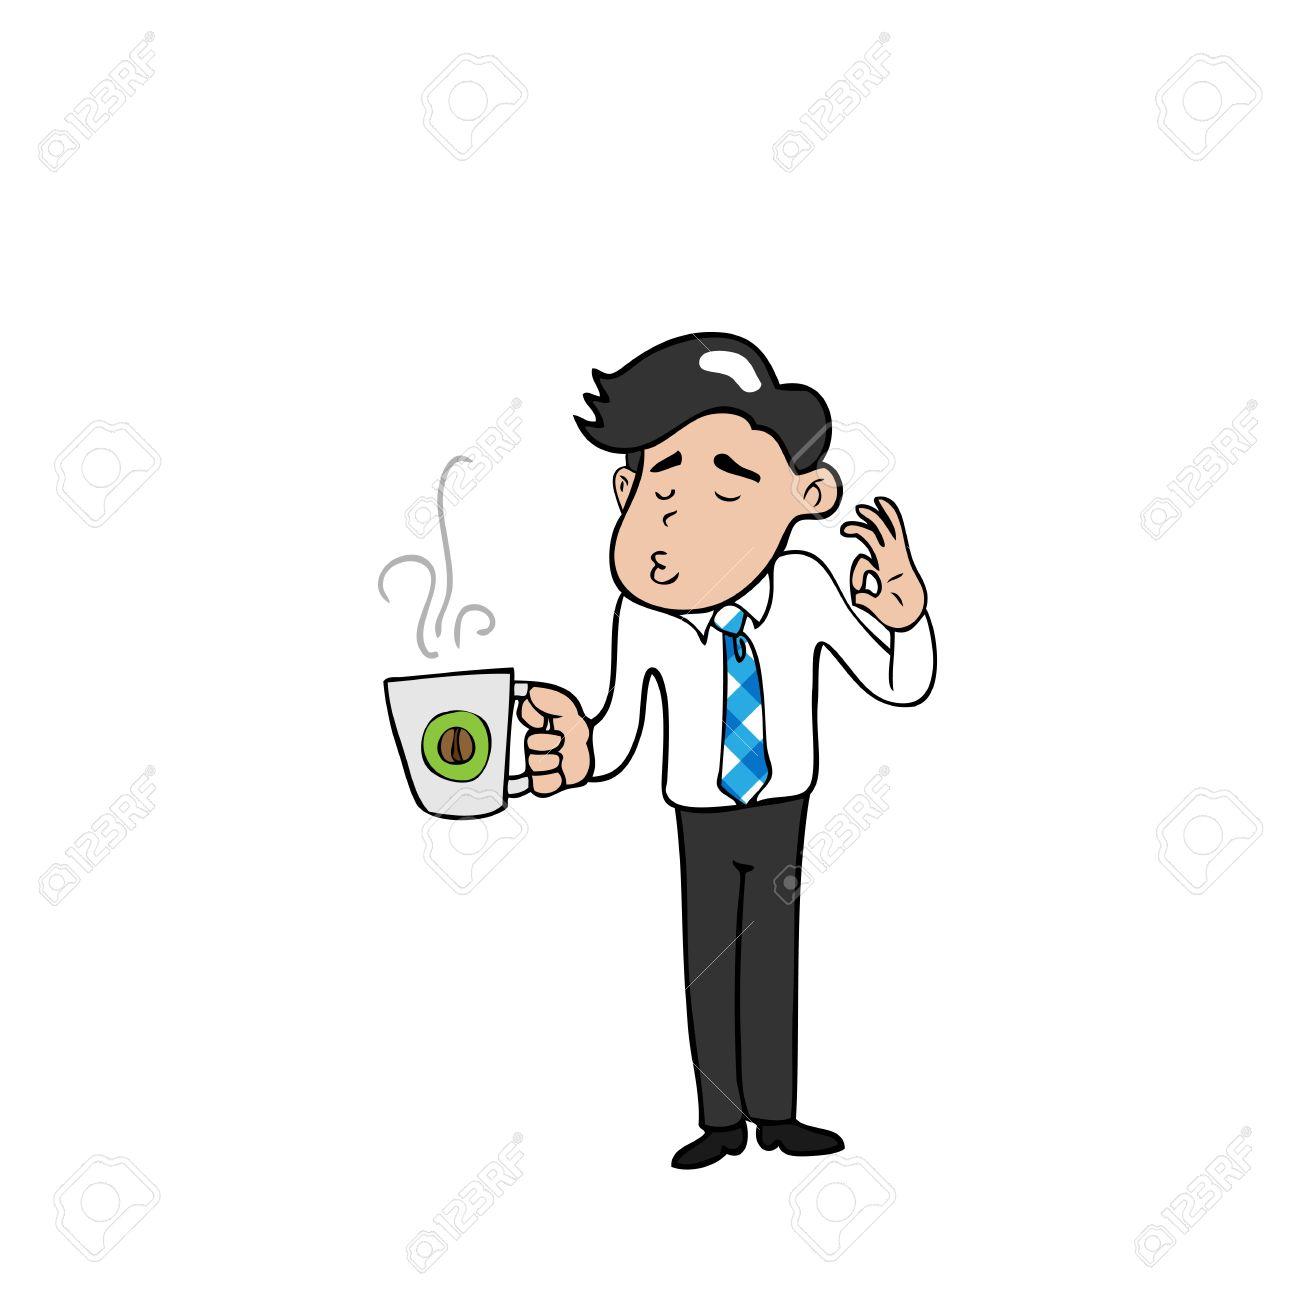 Hombre De Negocios Y Descanso Para Tomar Café De Dibujos Animados De  Vectores Ilustraciones Vectoriales, Clip Art Vectorizado Libre De Derechos.  Image 33119442.